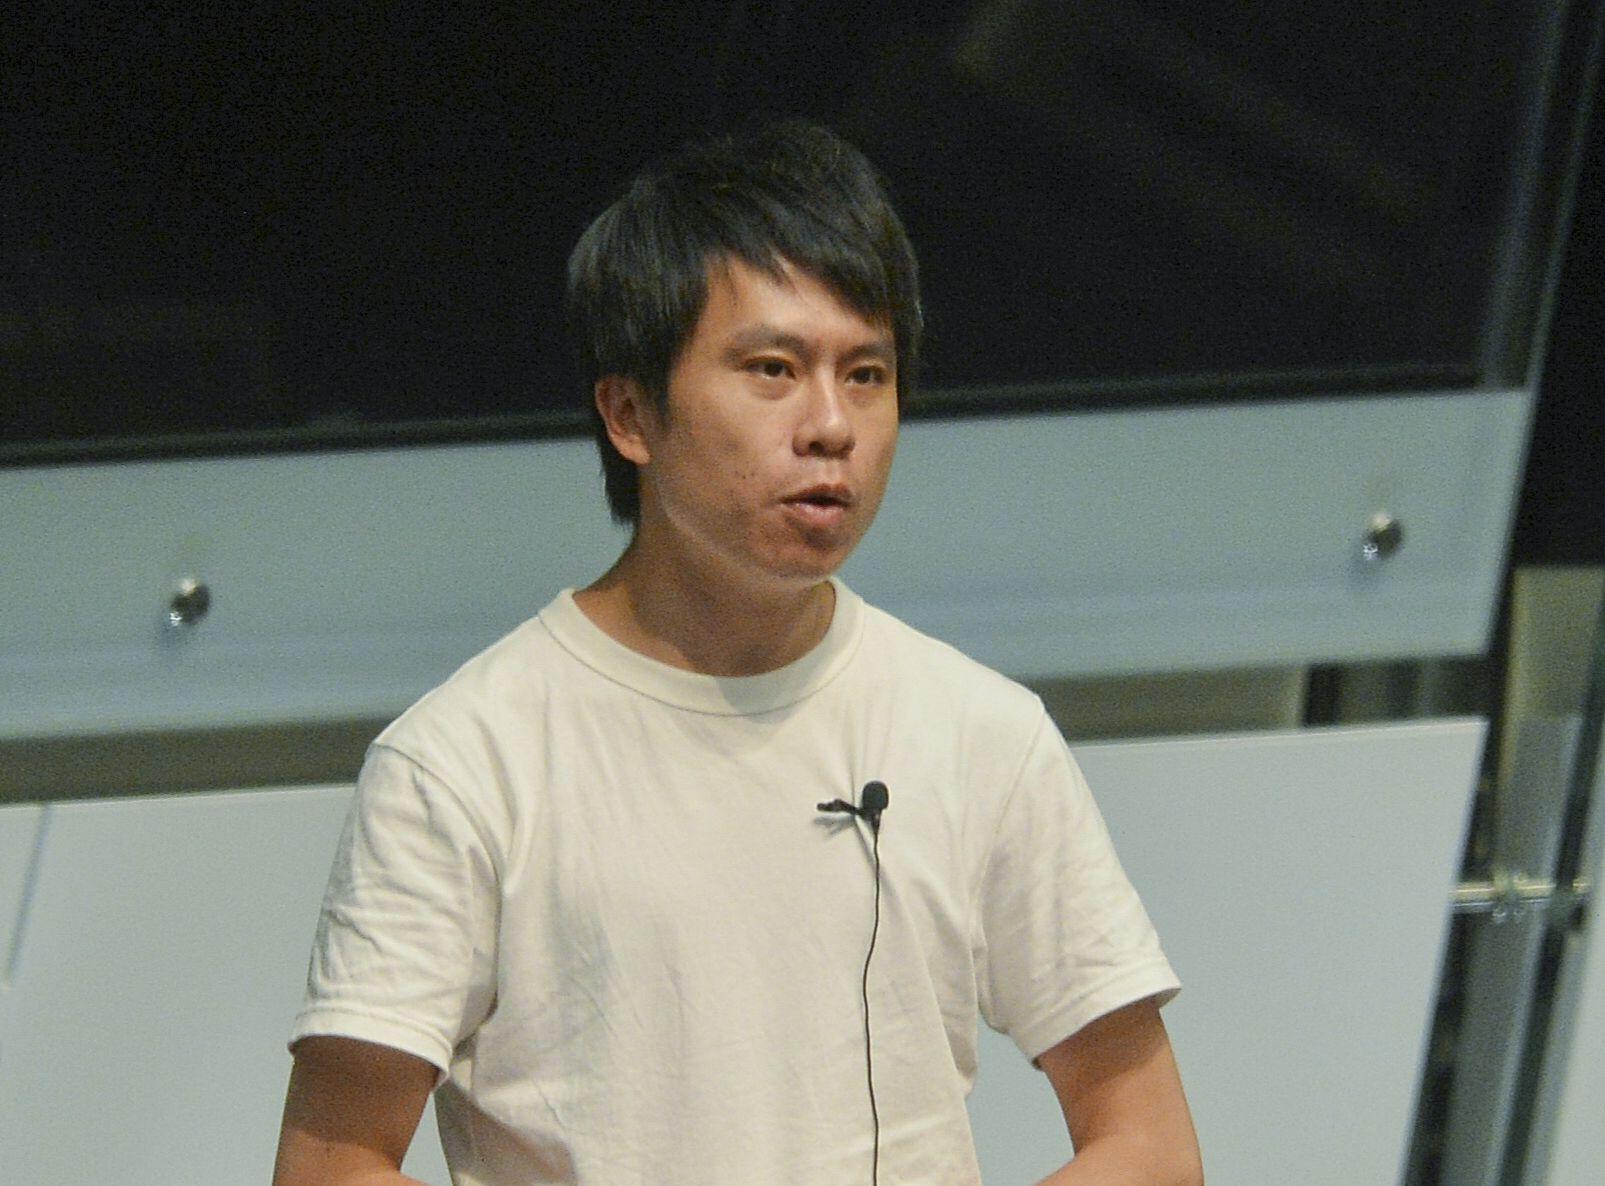 立法會議員鄺俊宇遇襲。 資料圖片